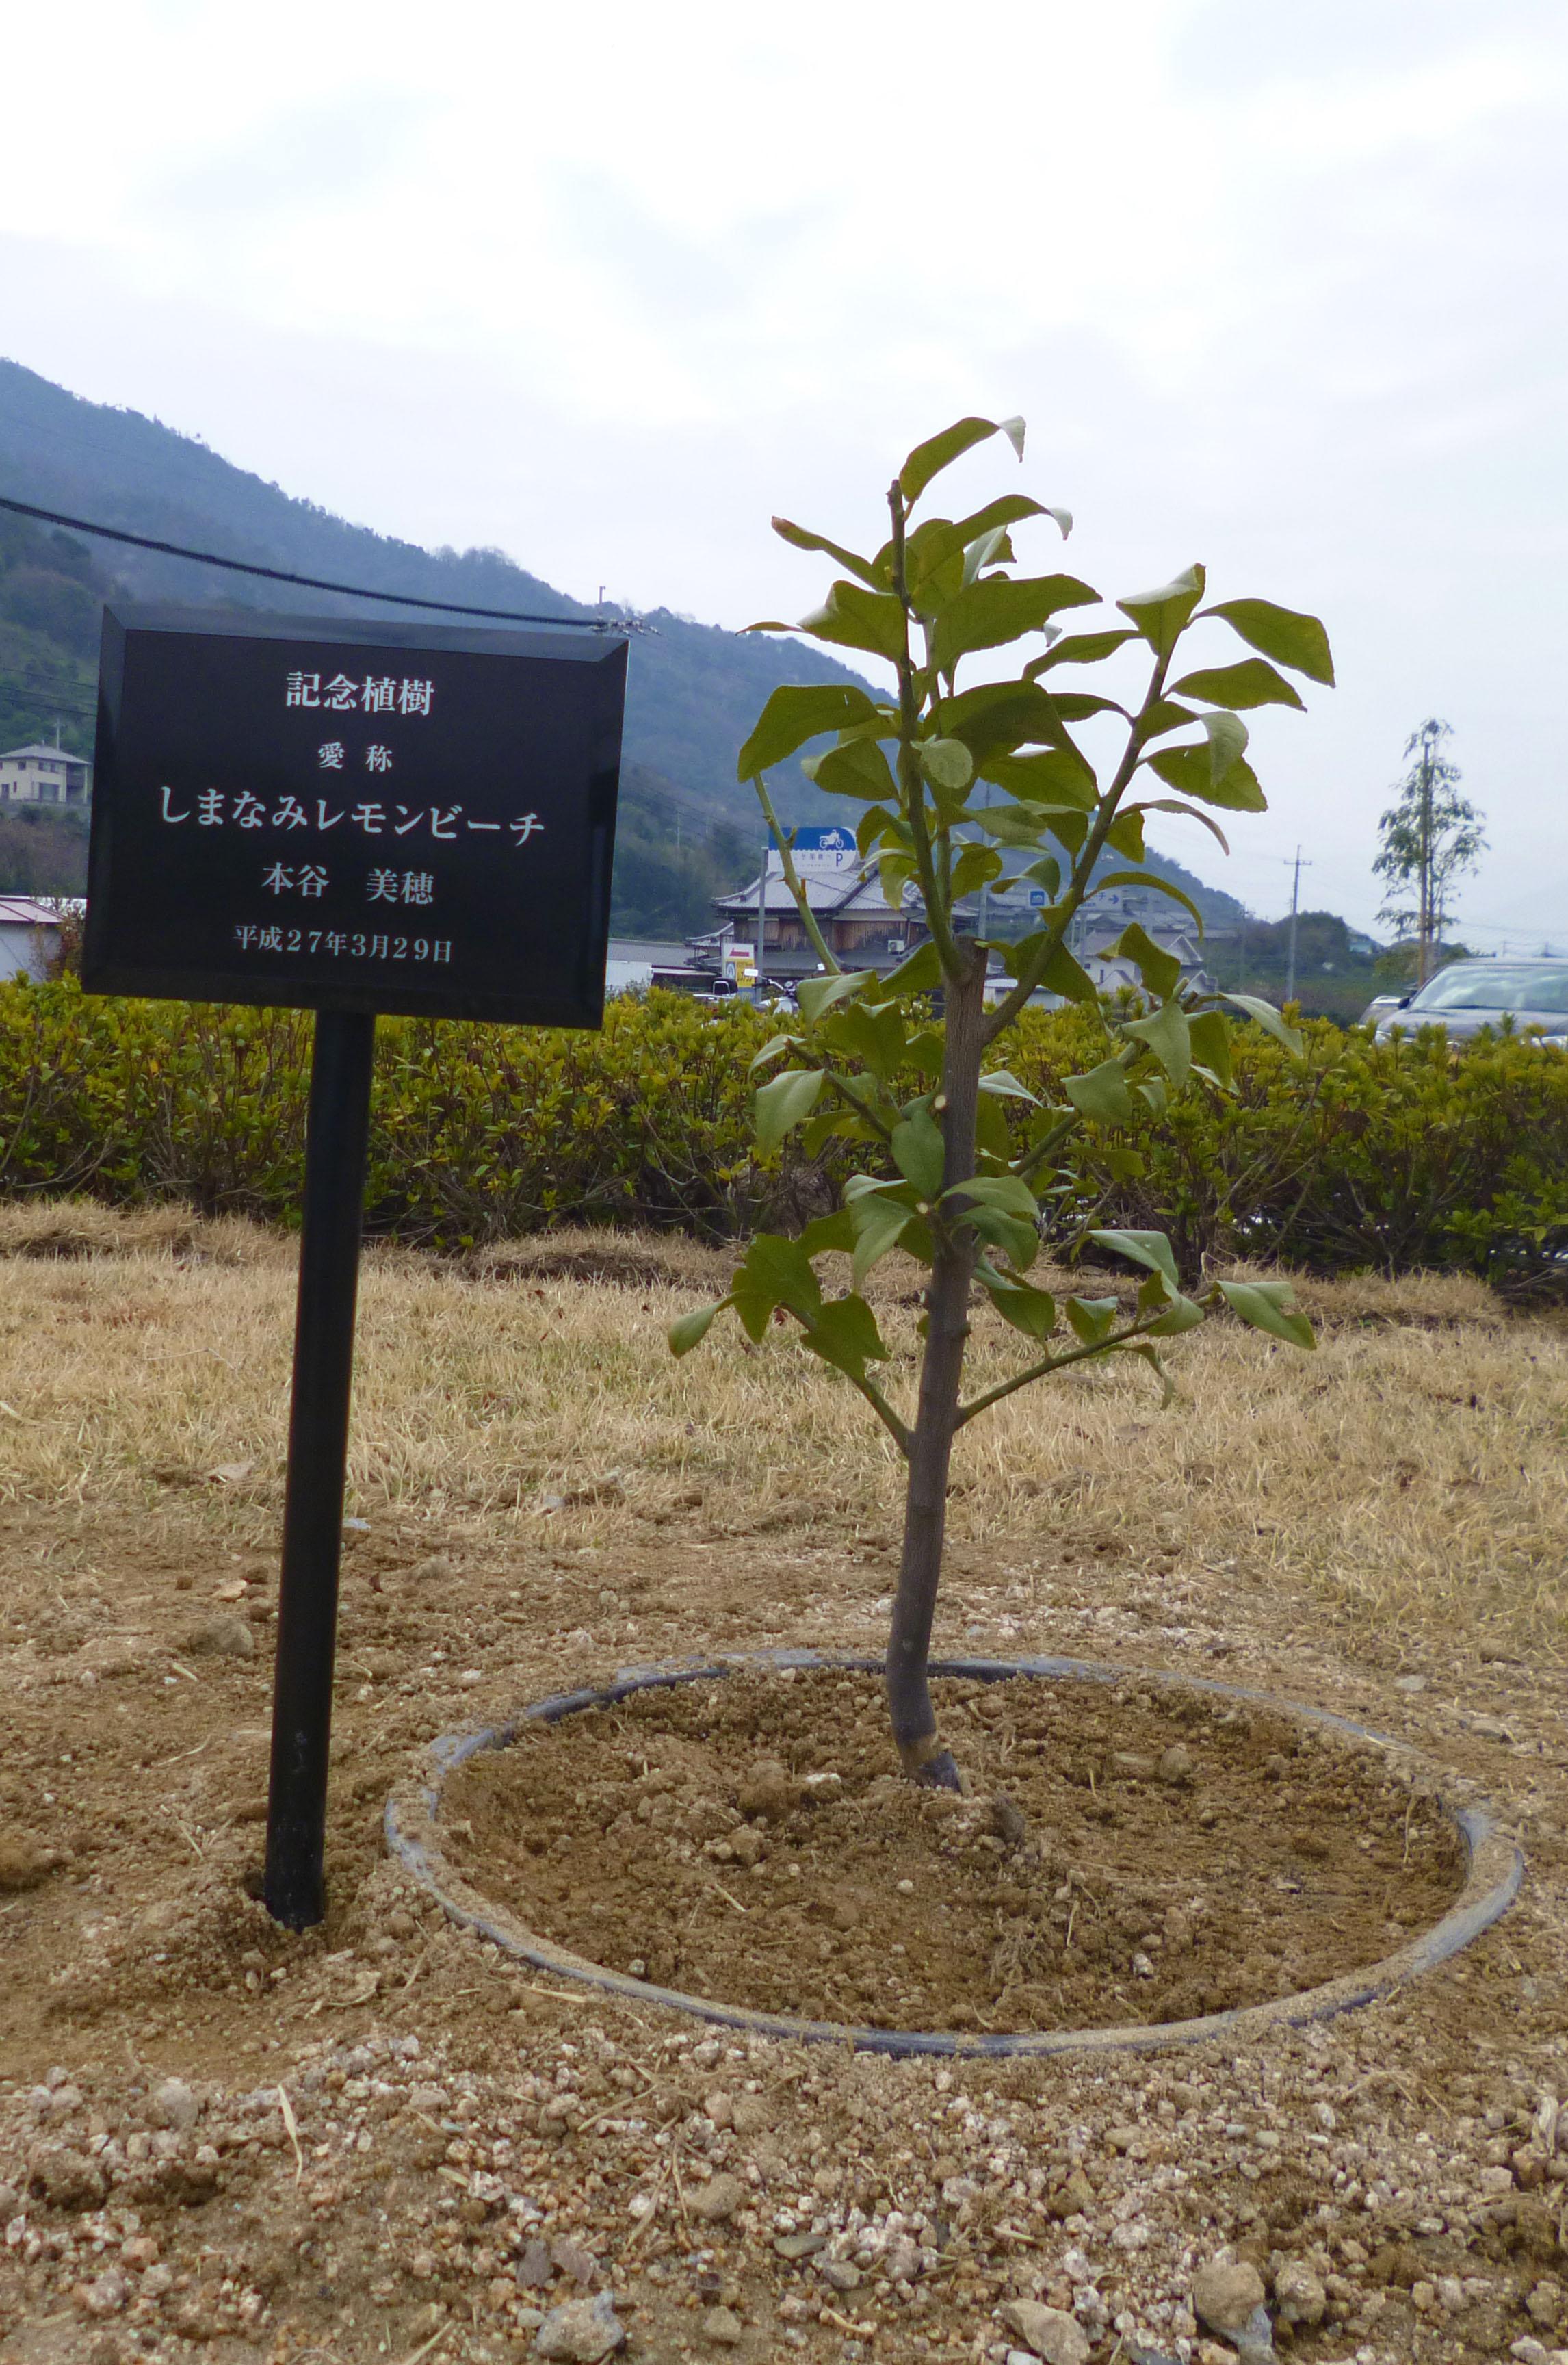 しまなみレモンビーチ記念植樹会・カヤック体験開催~シーズン到来!瀬戸田サンセットビーチ